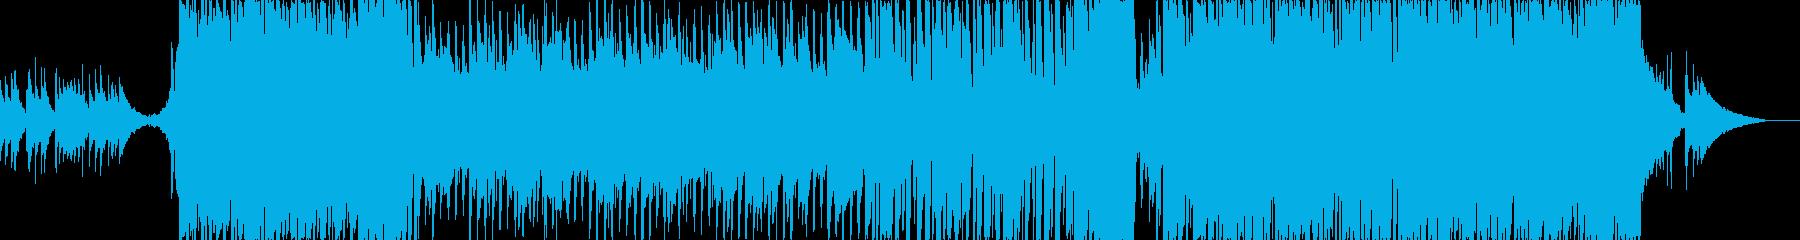 疾走感あるアニソン系ポップス楽曲 Sの再生済みの波形